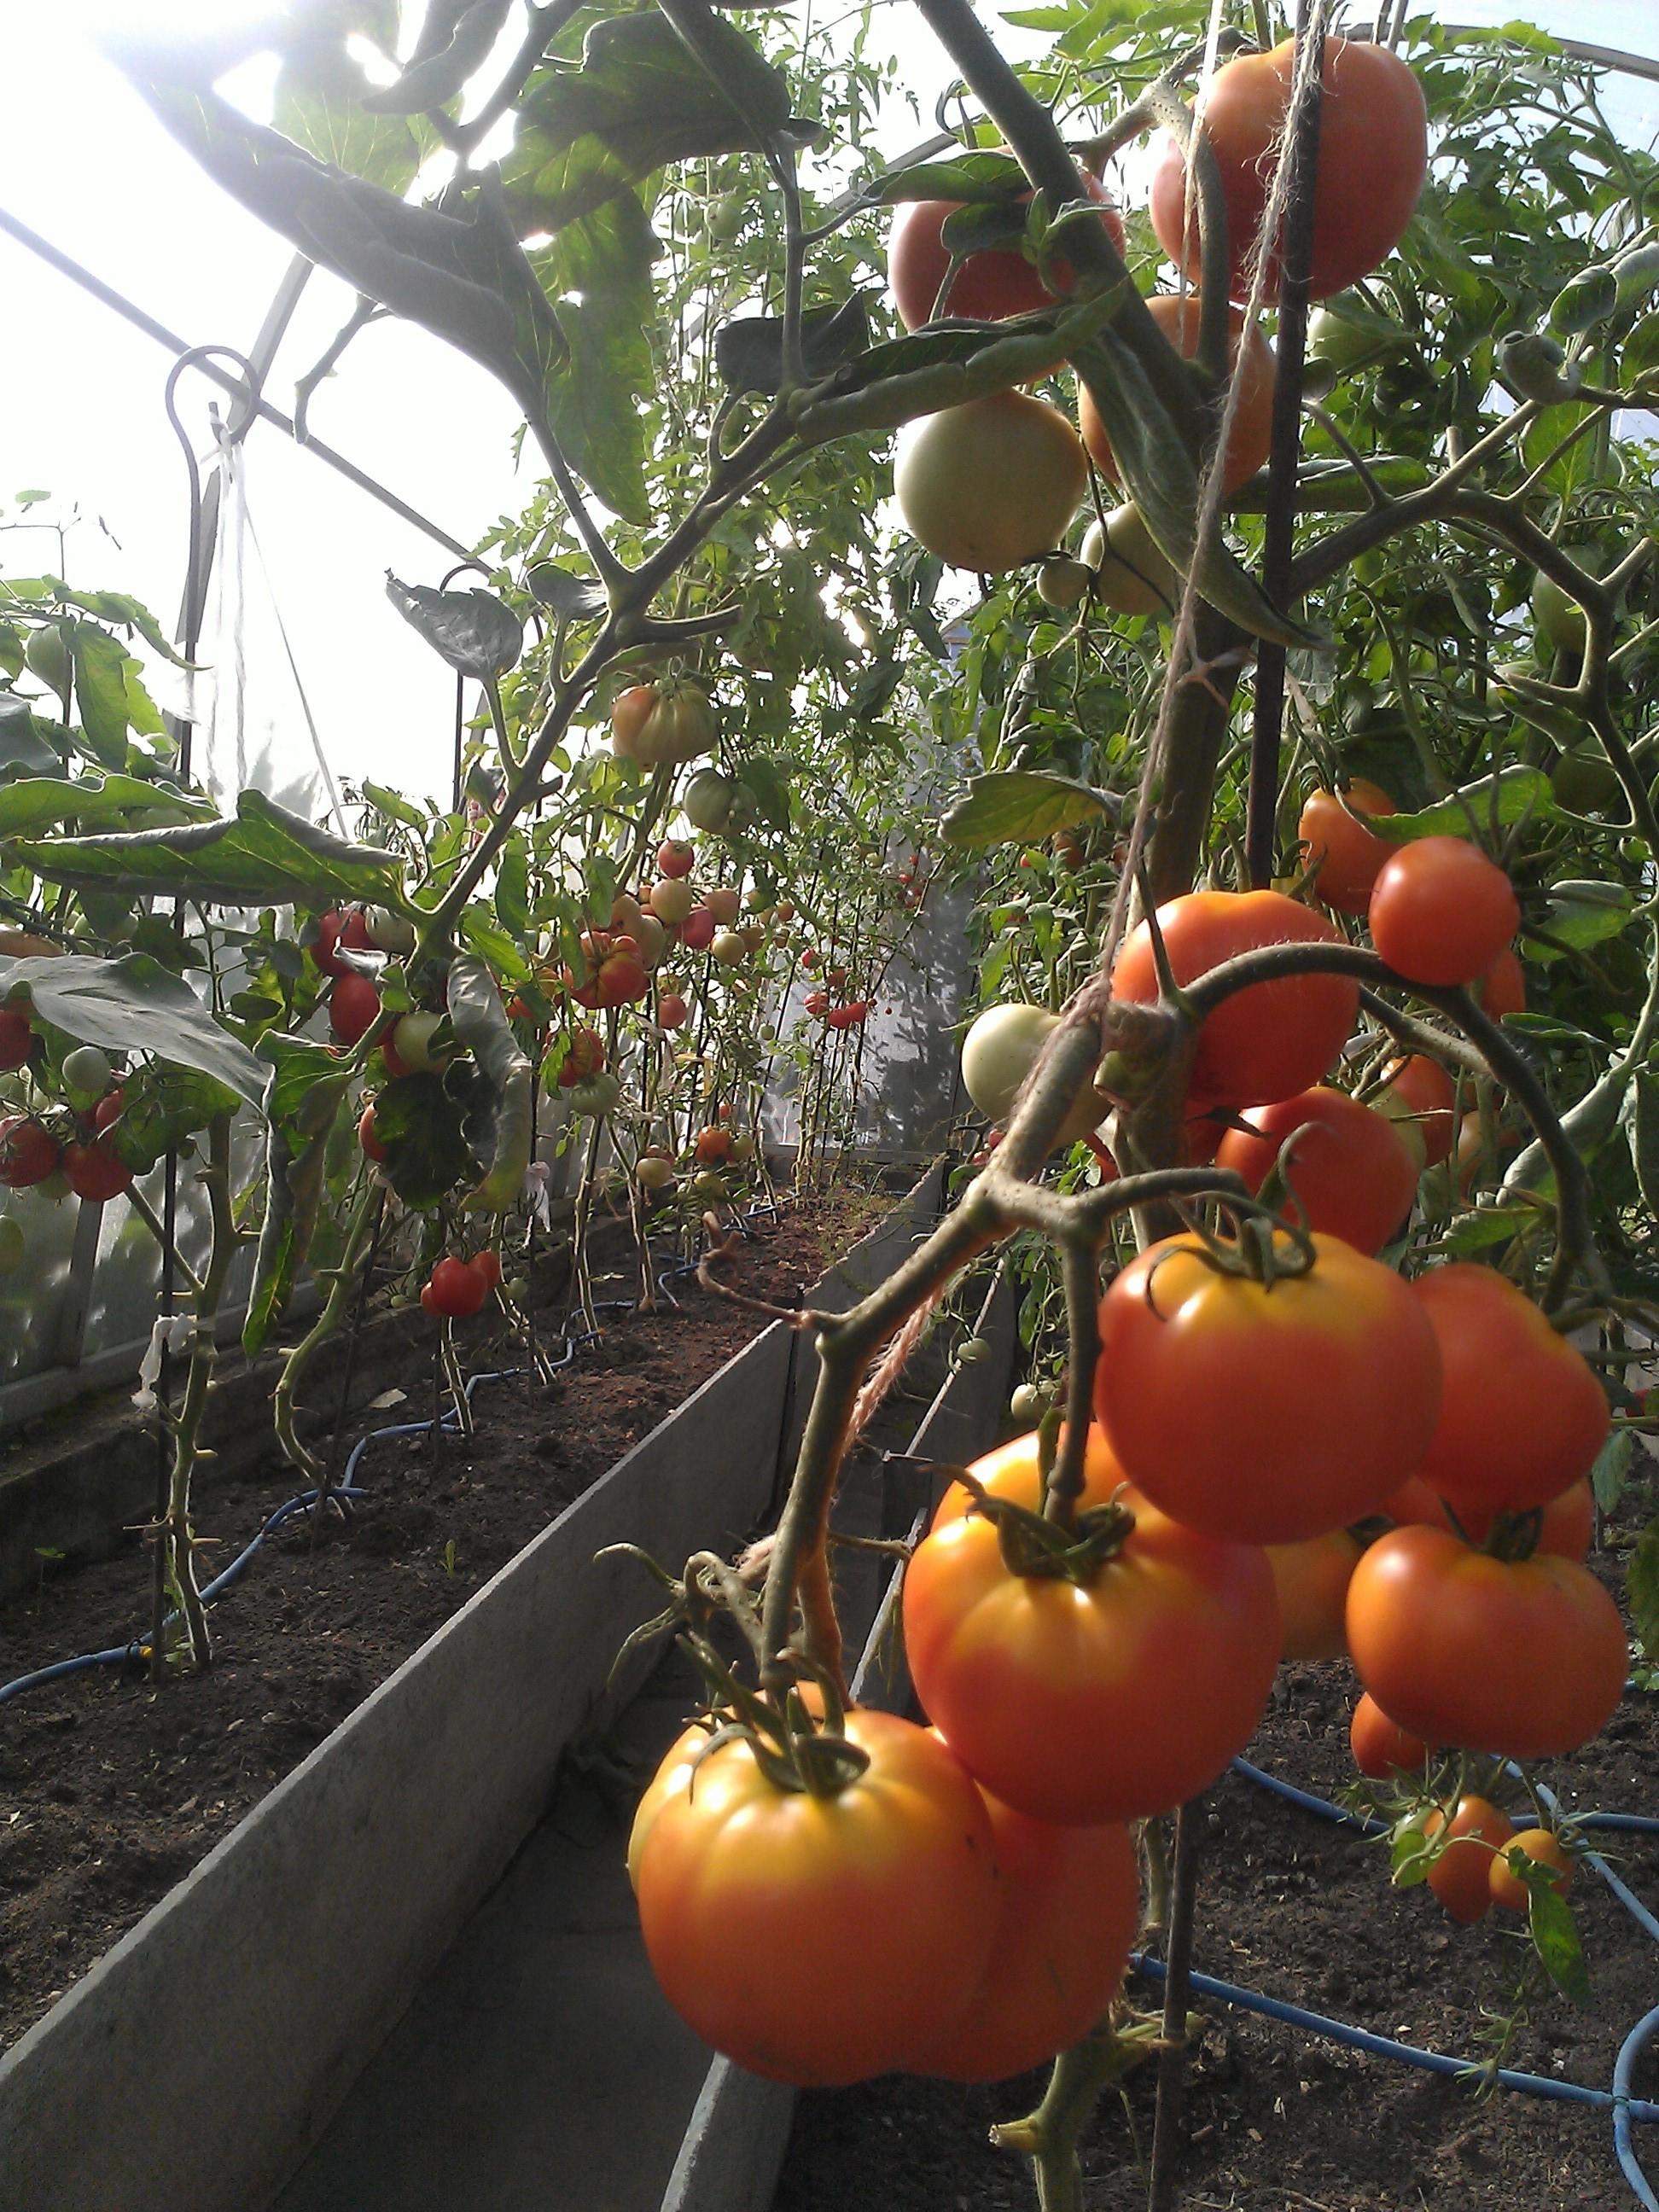 Как вырастить помидоры в теплице из поликарбоната - инструкция